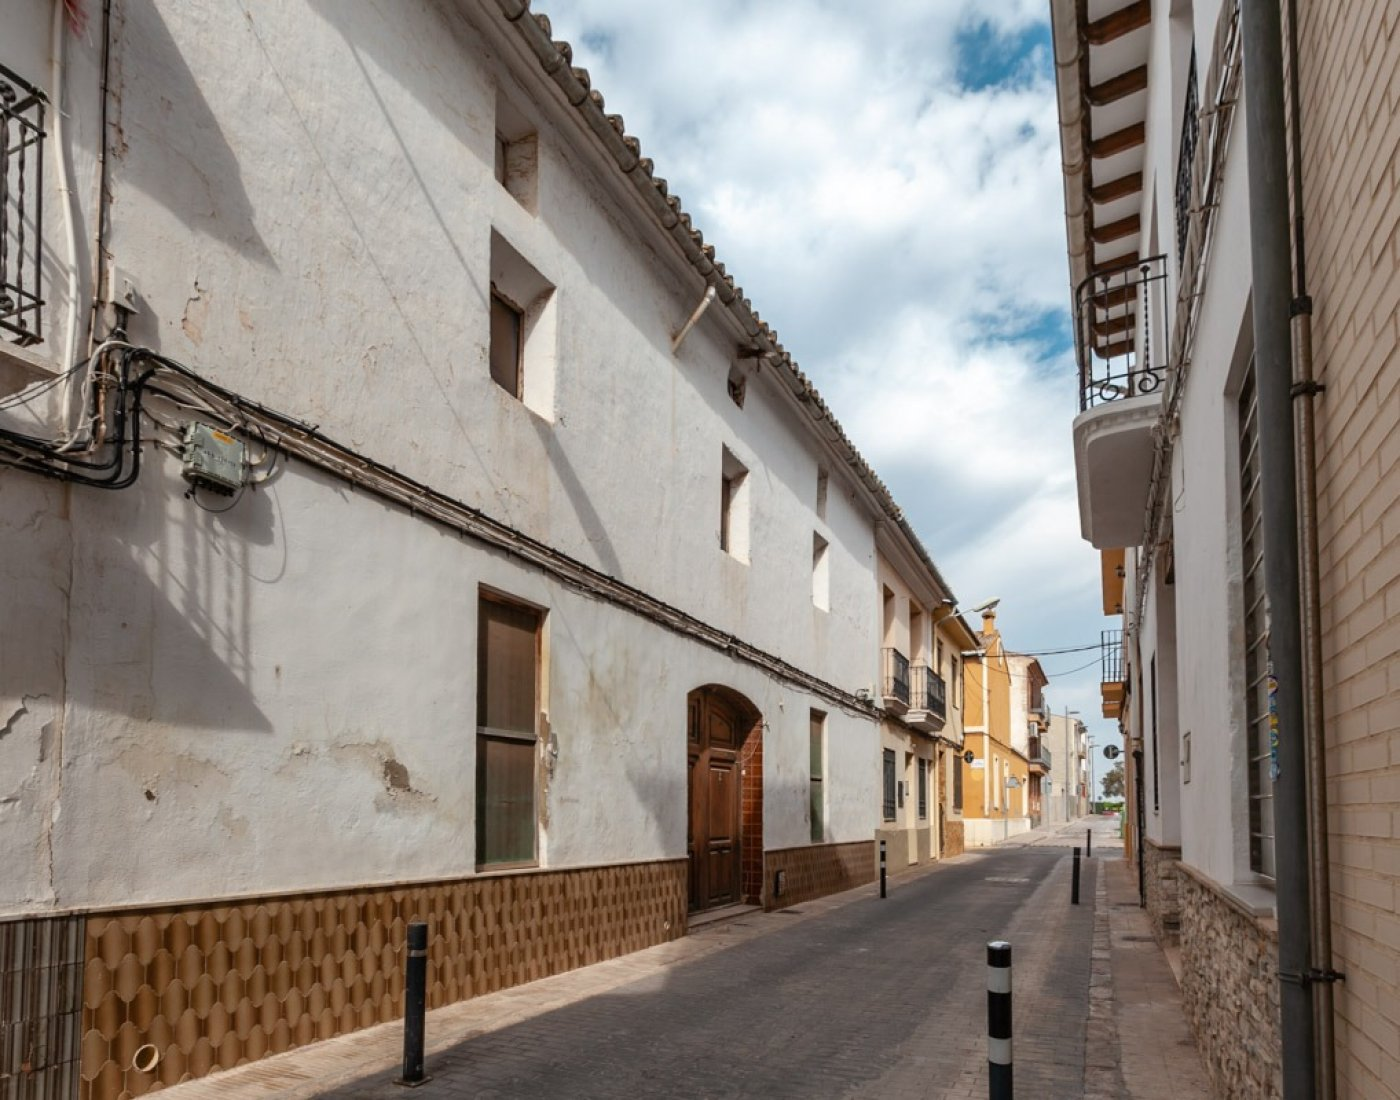 Haus  Calle sarieta, 19. La gran oportunidad de vivir en una casa de pueblo